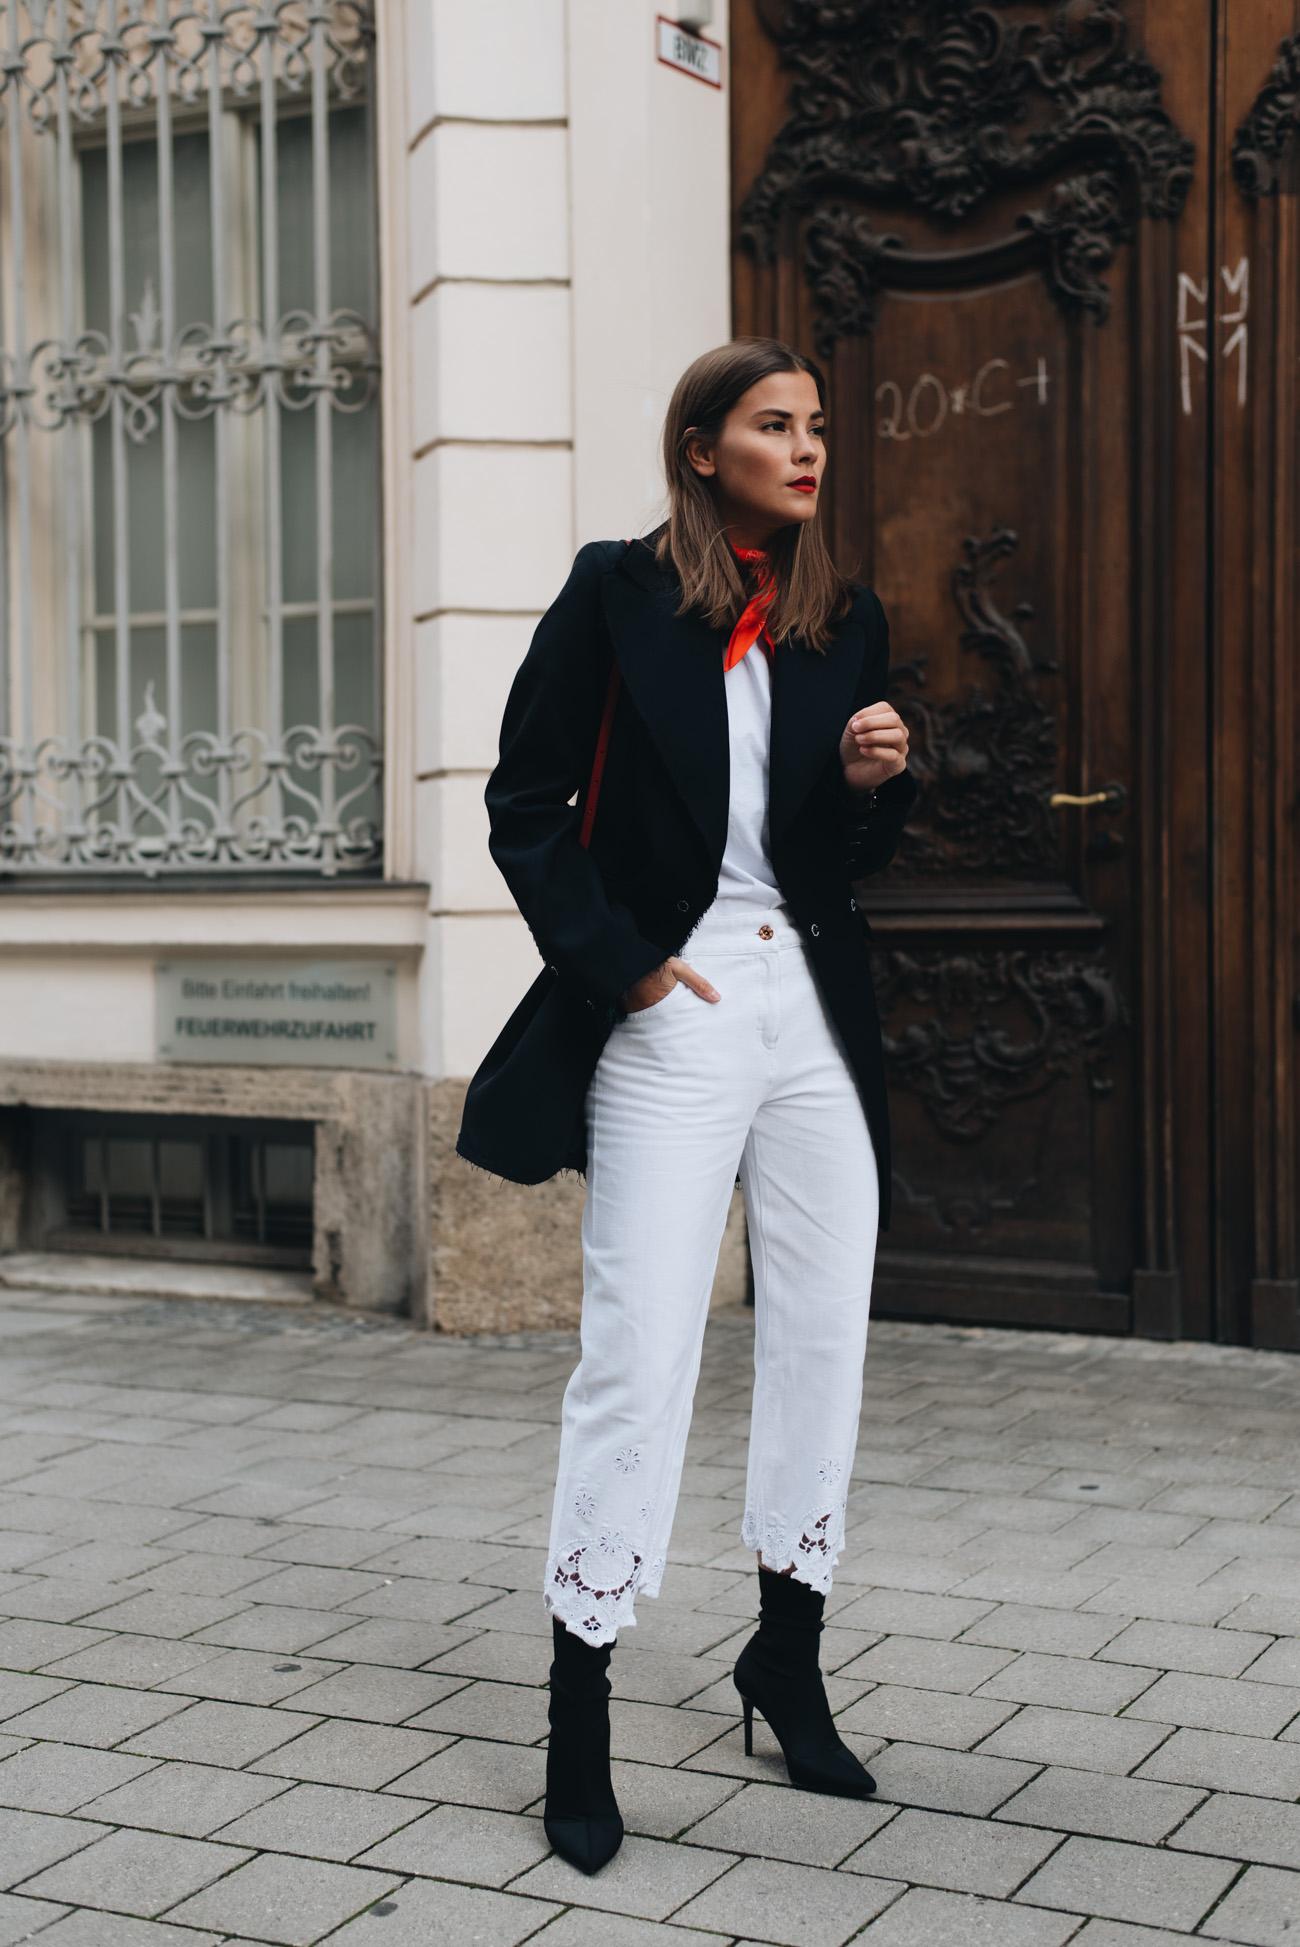 Fashion-Beauty-Lifestyle-Influencerin-münchen-Deutschland-Nina-schwichtenberg-fashiioncarpet